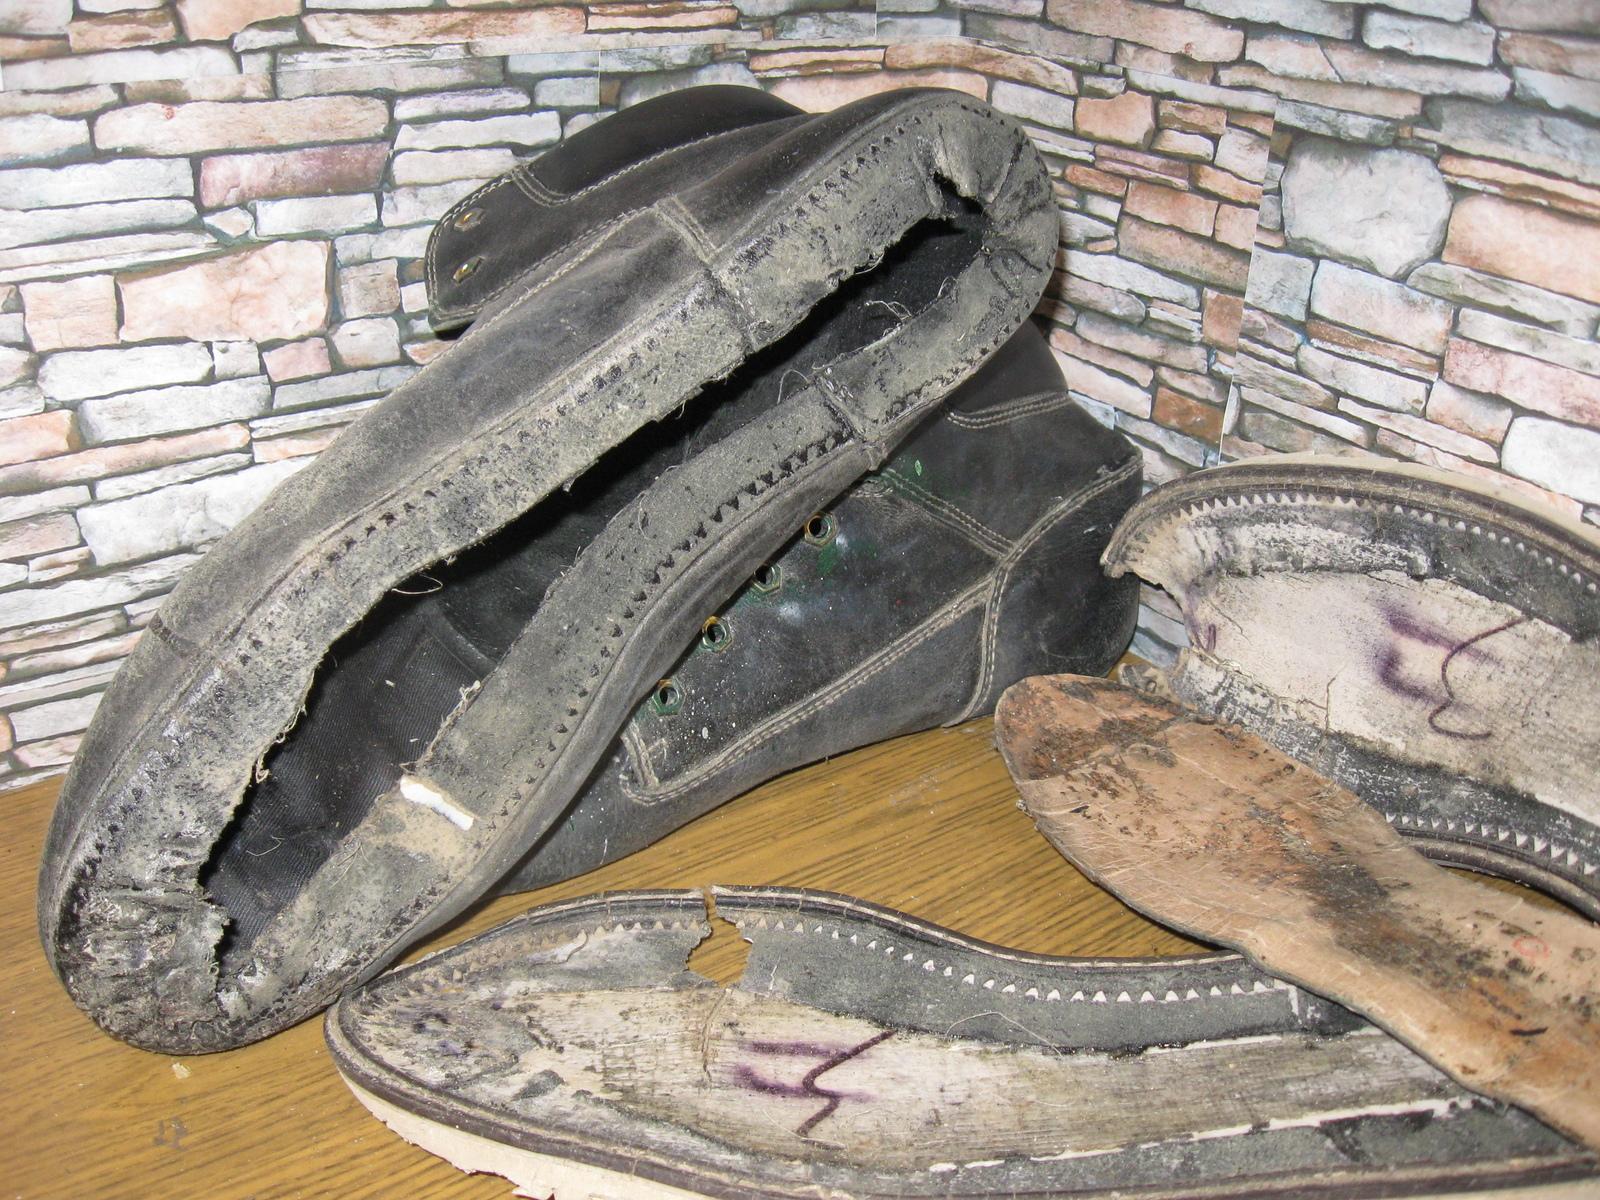 3050c3bfa О целесообразности ремонта. Непорядки с подошвой. Ремонт обуви,  Целесообразность, Замена подошвы,